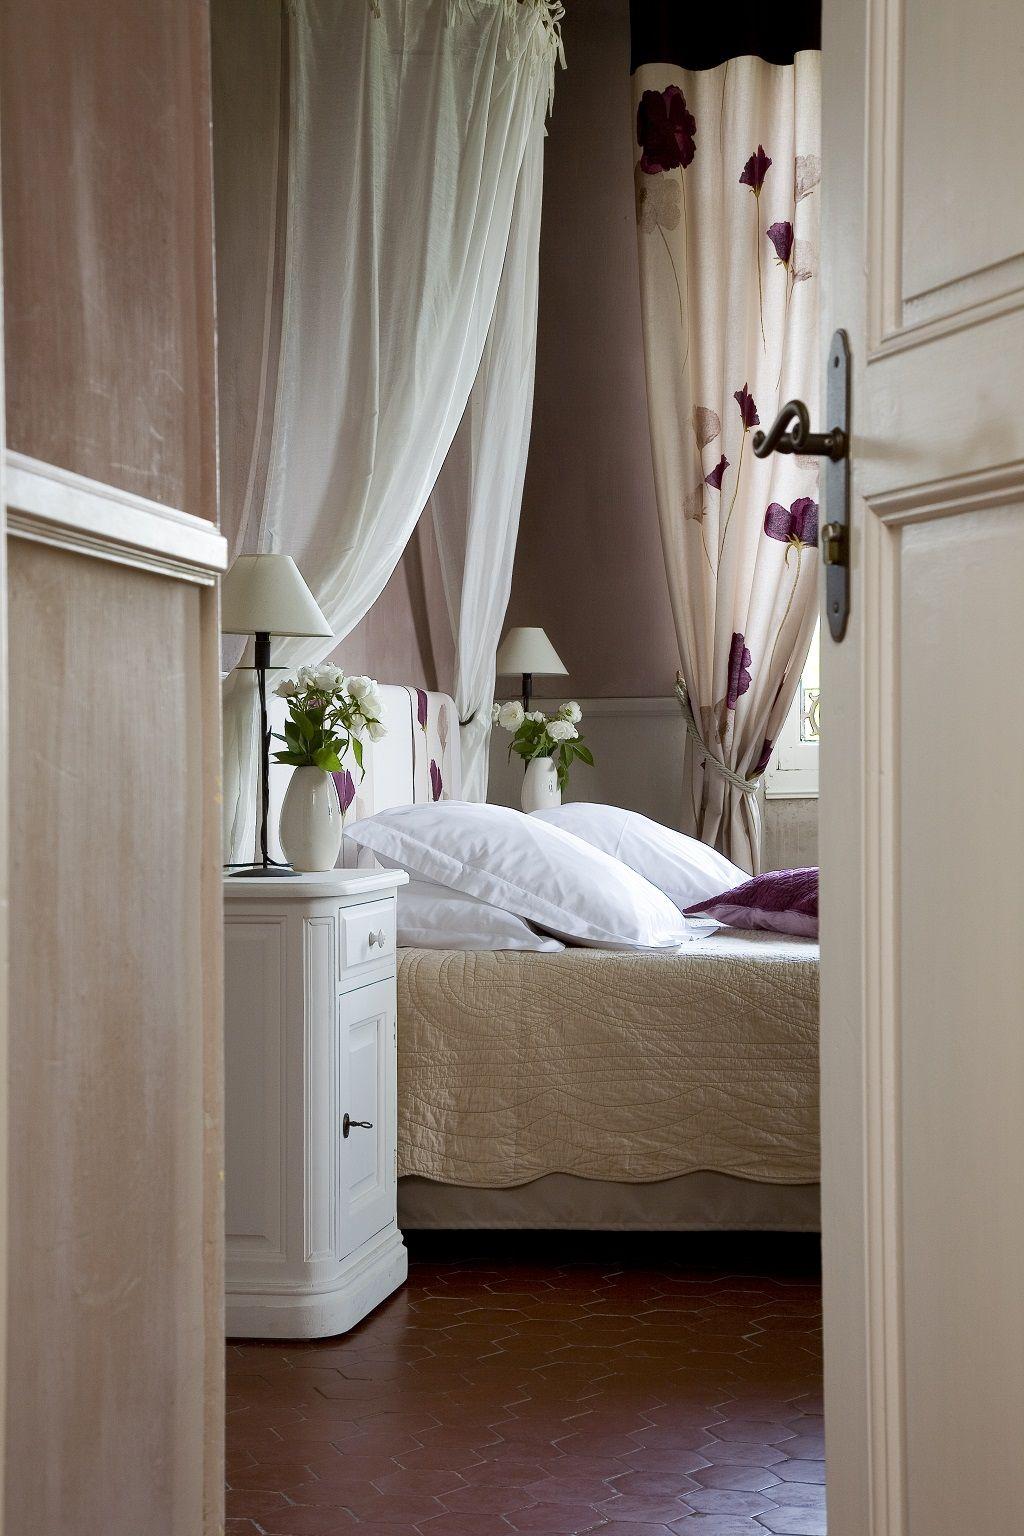 De superbes chambres d 39 h tes spacieuses et raffin es dans - Chambre d hote de charme deauville ...